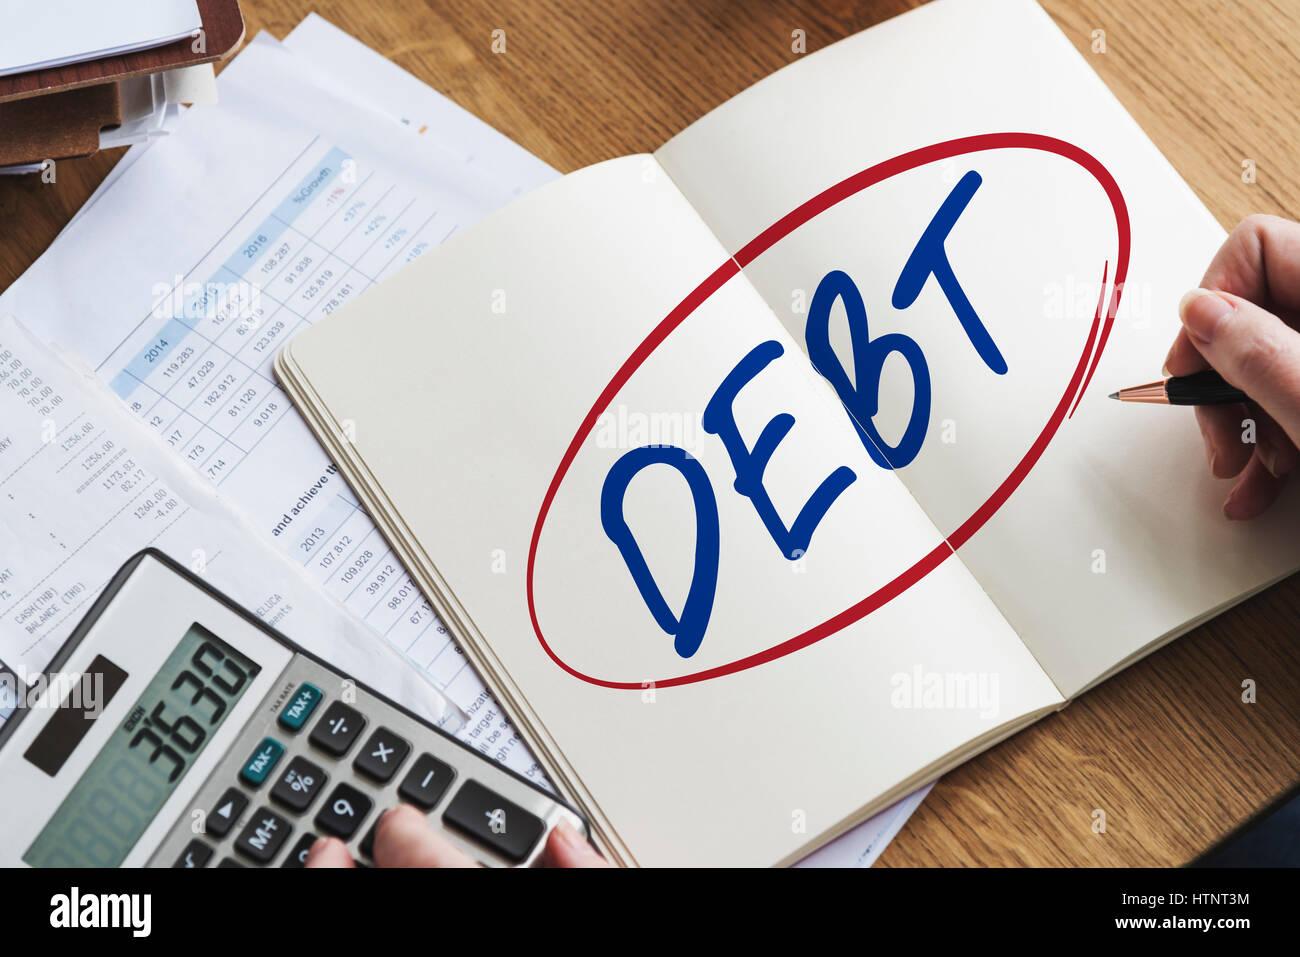 Debt Obligation Banking Finance Loan Money Concept - Stock Image